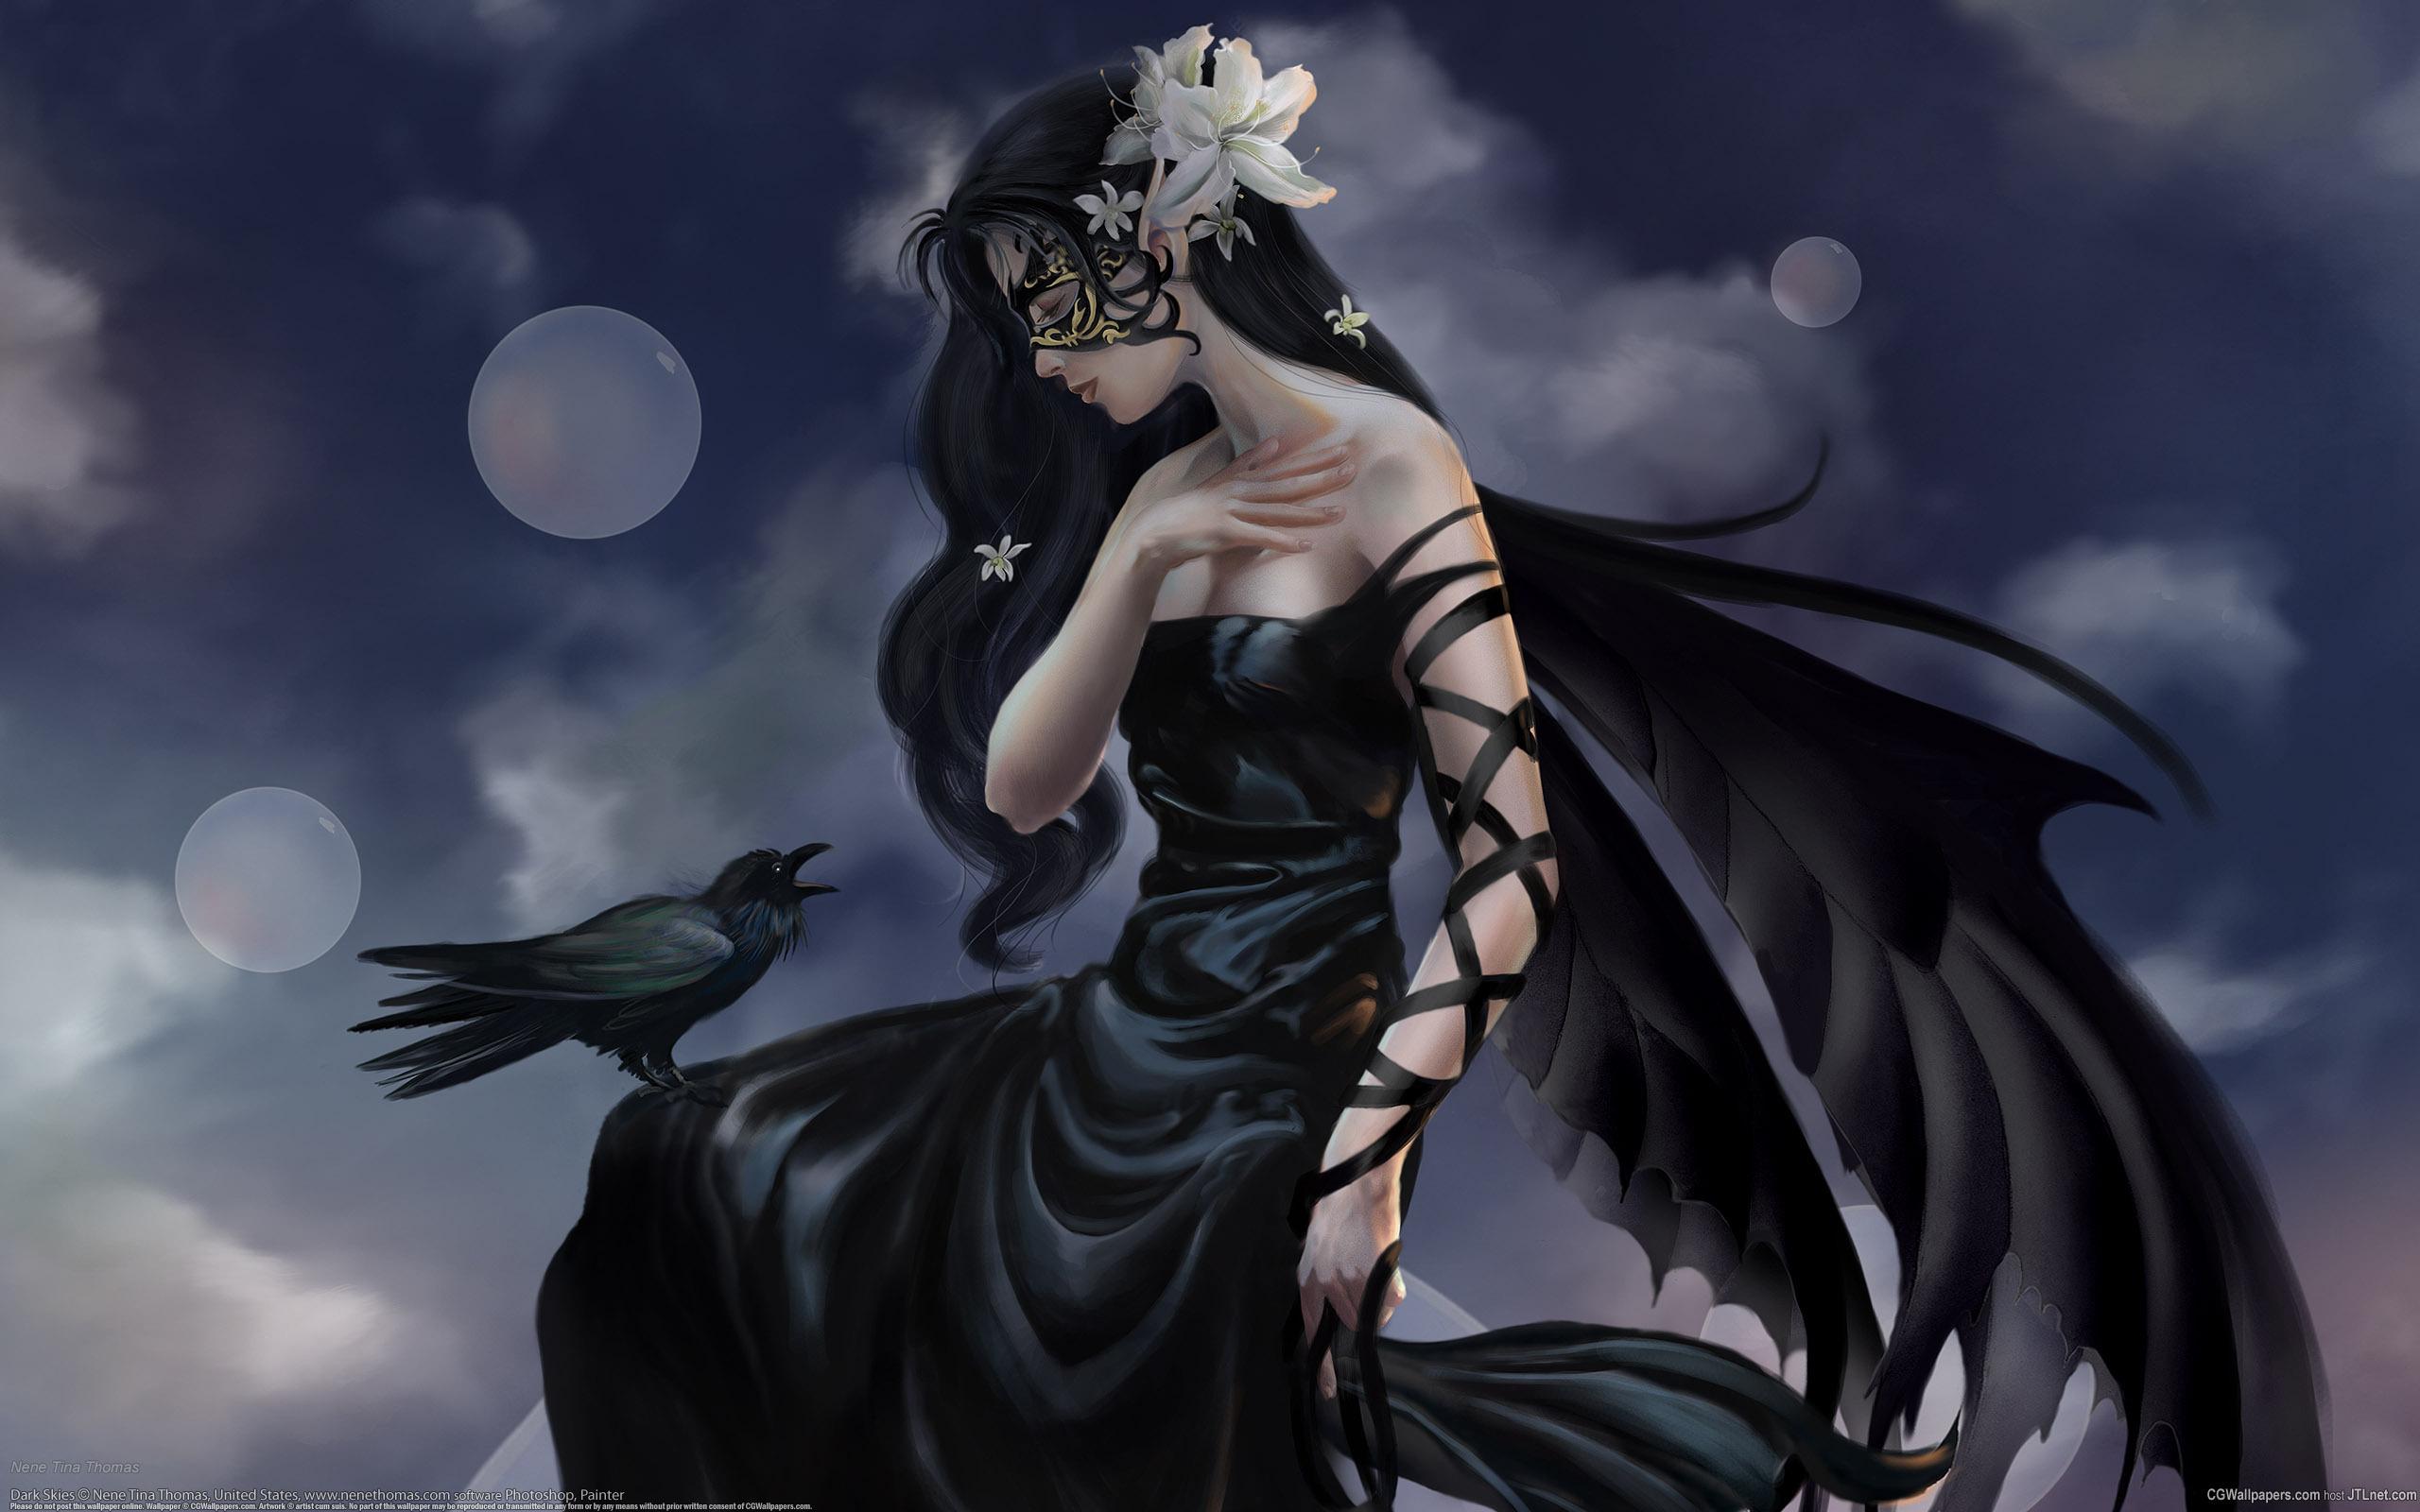 Gothic Dark Angel - Gothic Wallpaper (26397076) - Fanpop fanclubs